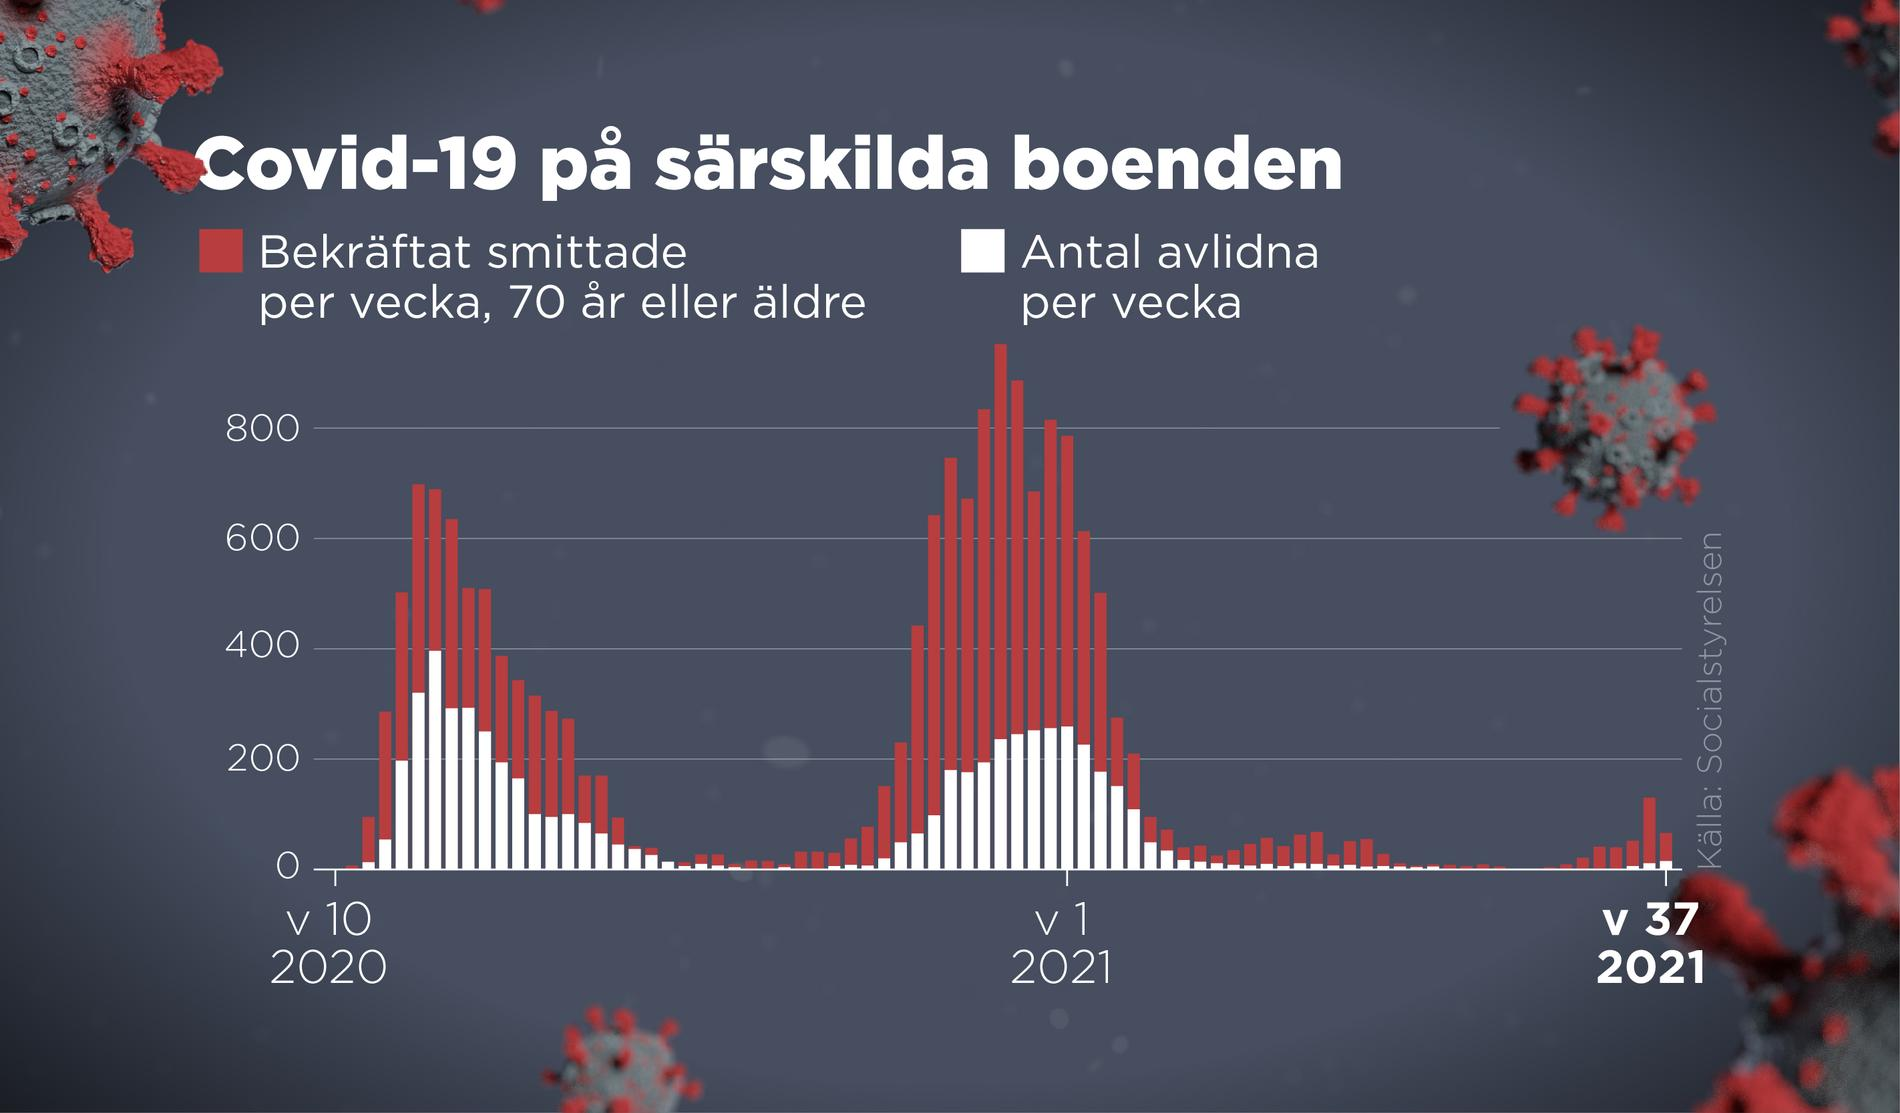 Bekräftat smittade och antal avlidna på särskilda boenden per vecka 2020–2021.